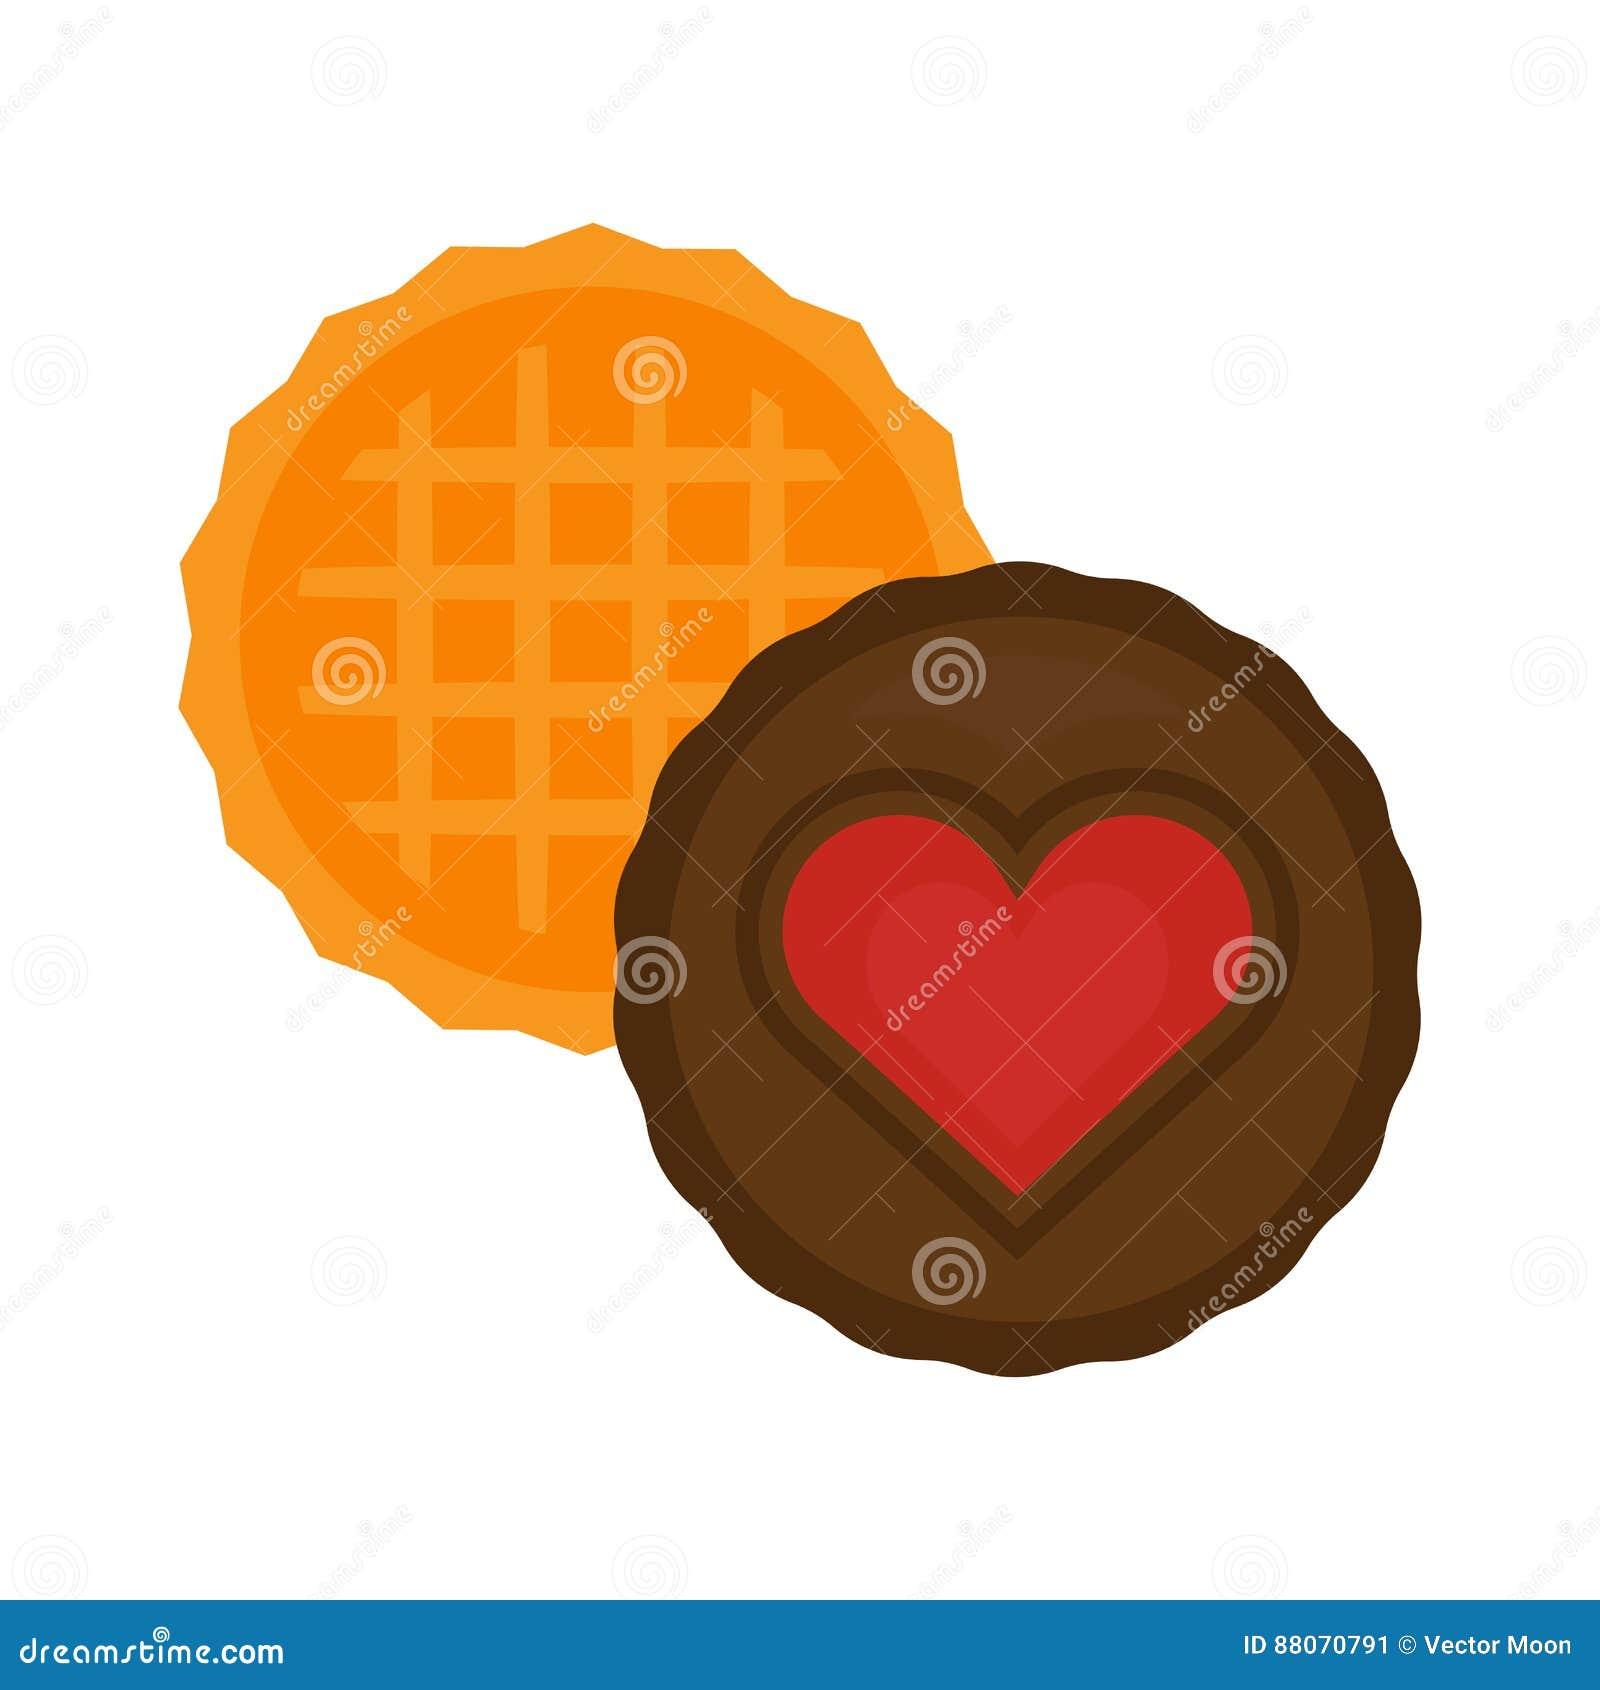 För vektorillustration för hjärta fabulerar kakan isolerade par för förälskelse kexet isolerade läcker frukostchoklad för den söt